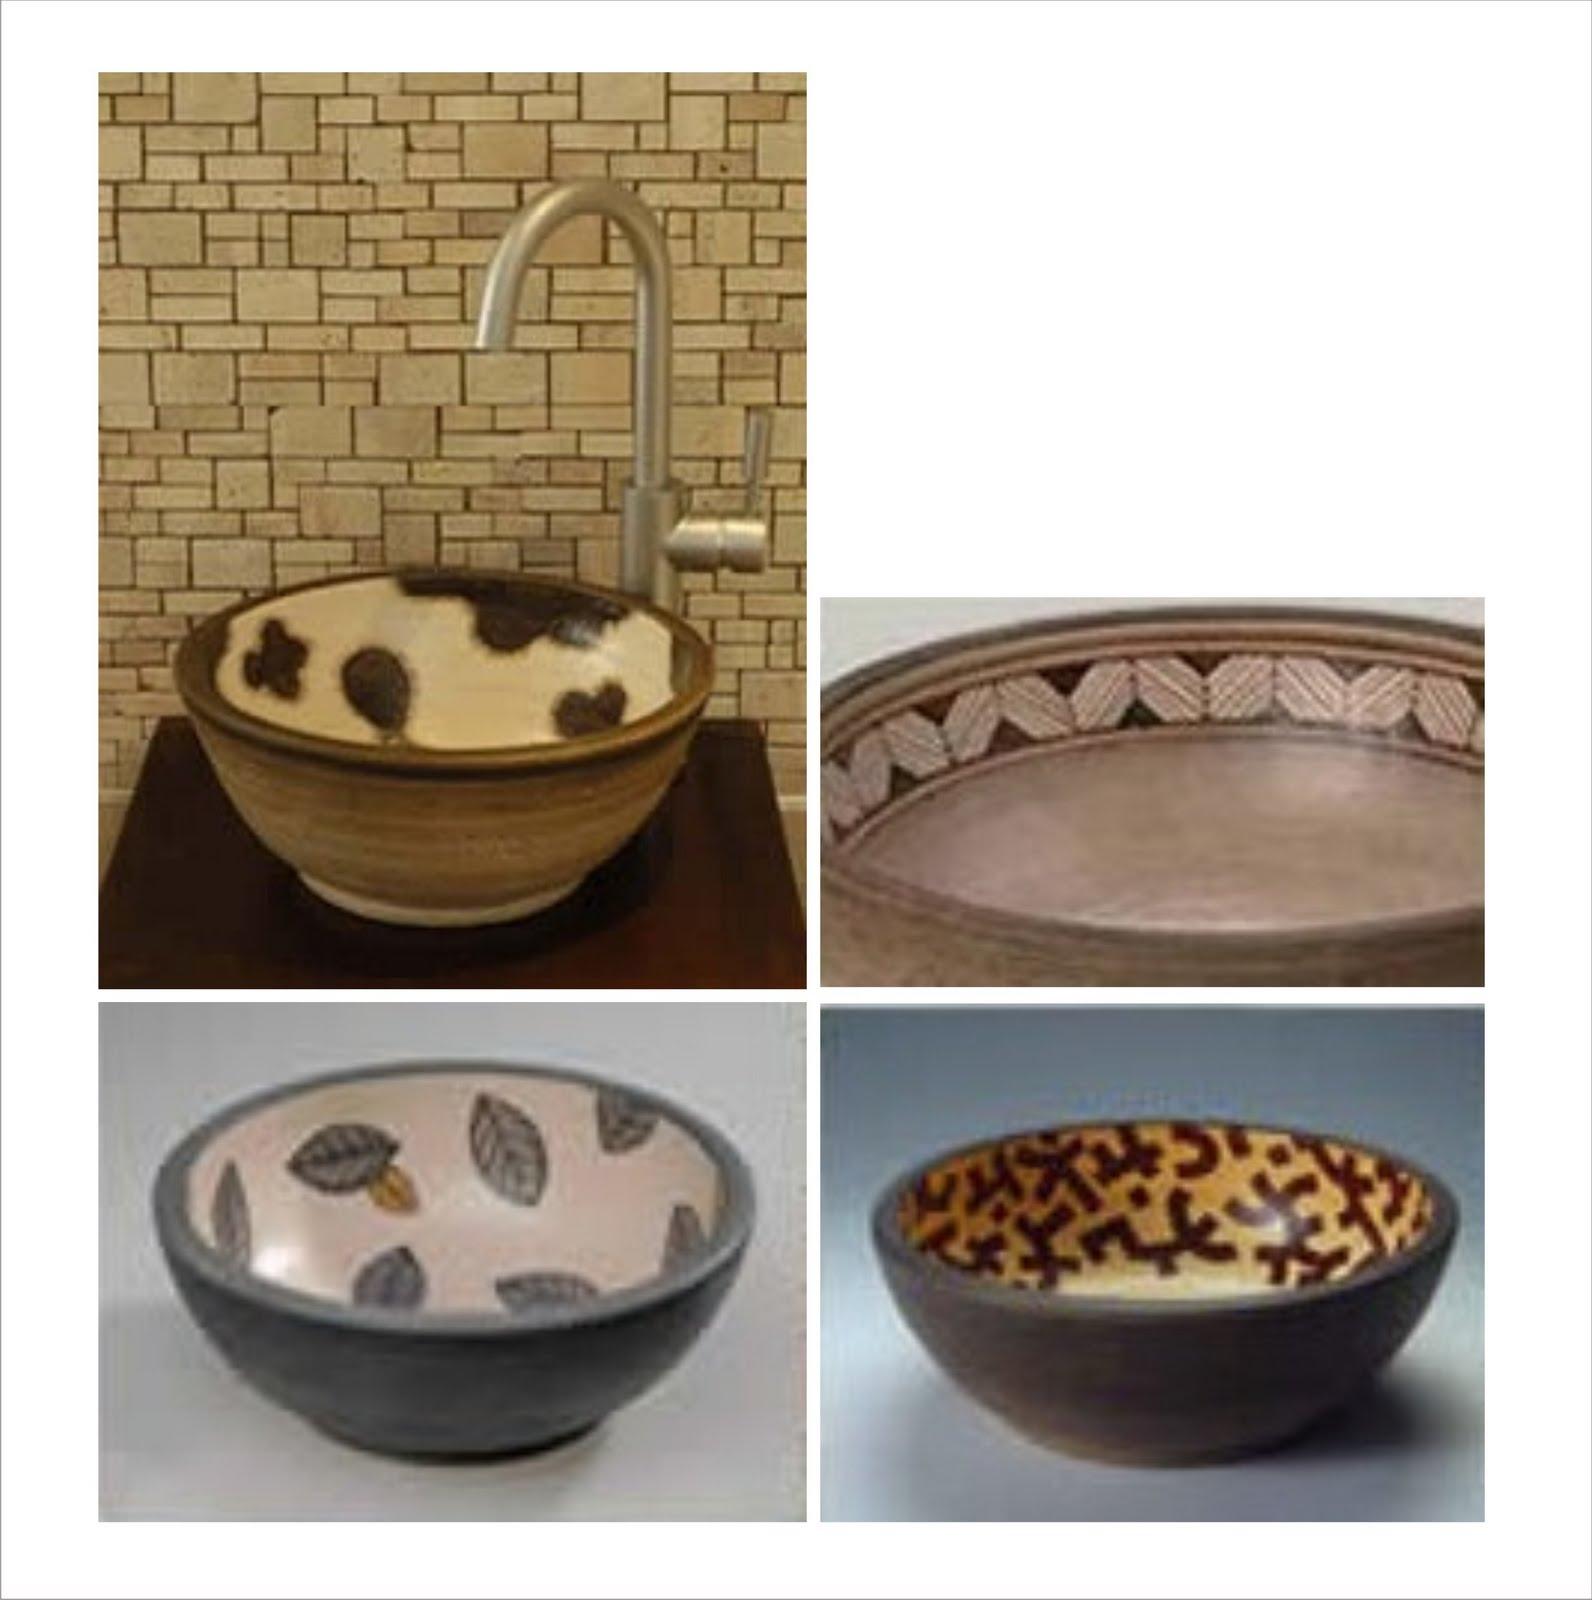 Bachas Para Baño Pintadas:lunes, 30 de mayo de 2011